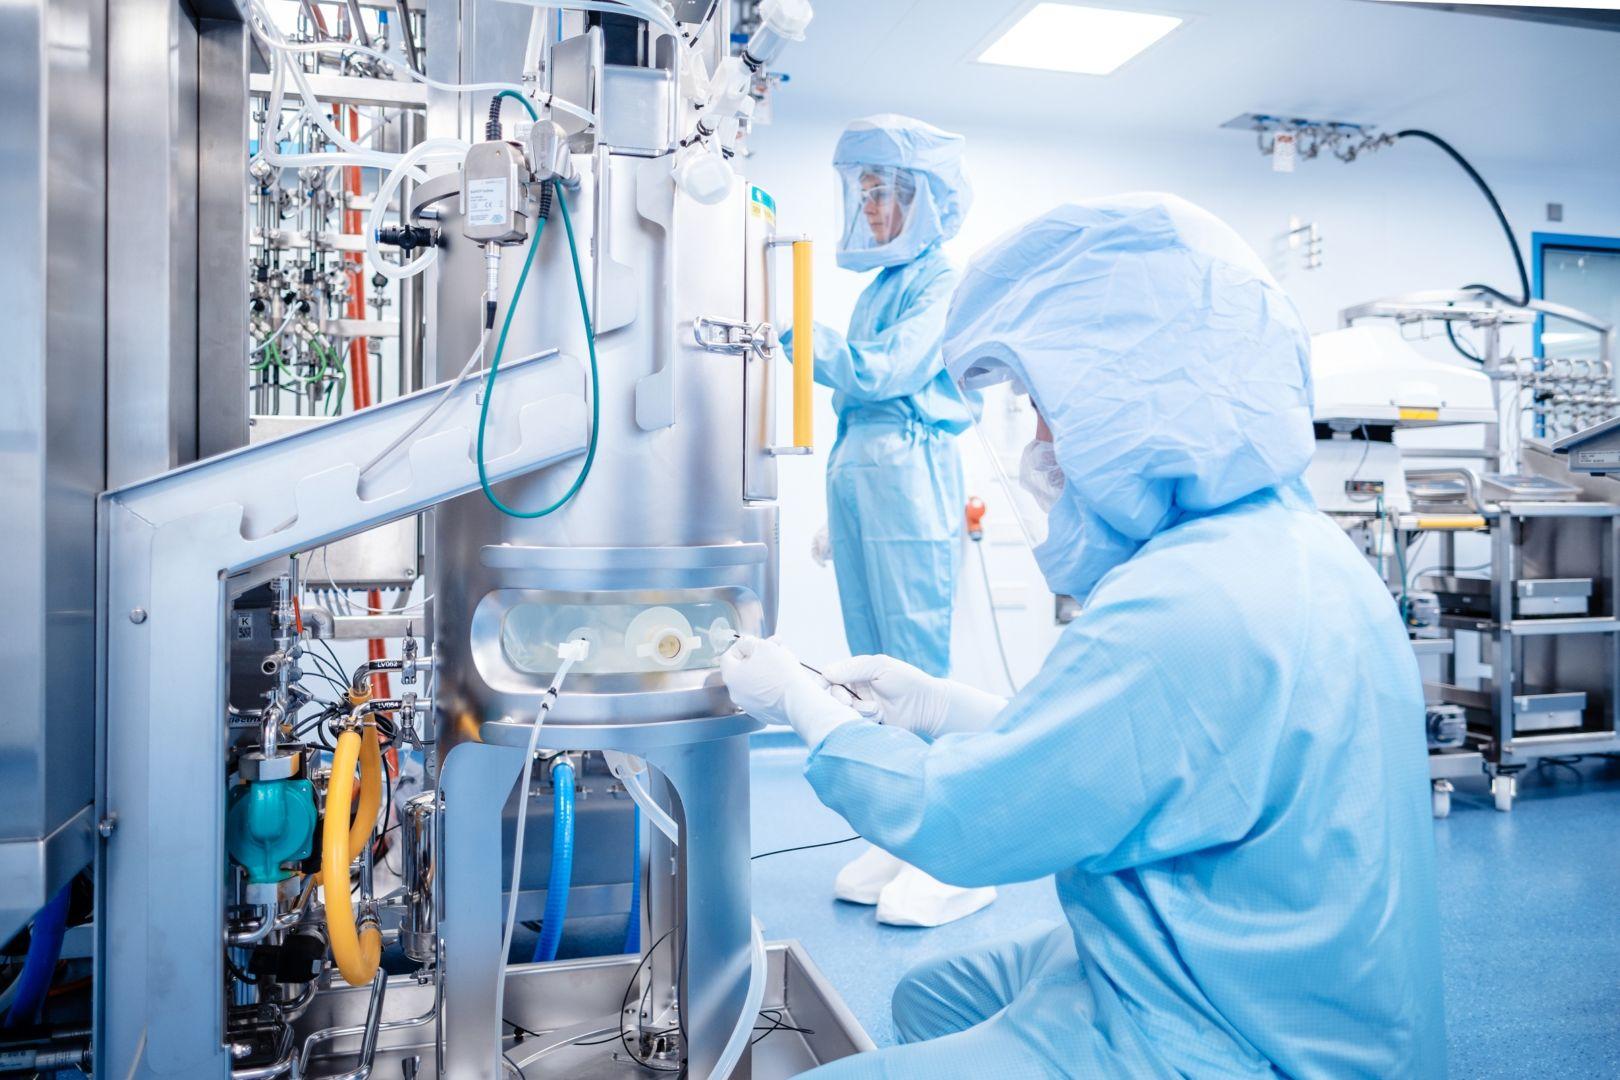 Forscher mit Schutzanzug arbeiten in einem Labor für die BioNTech-Impfstoffherstellung.